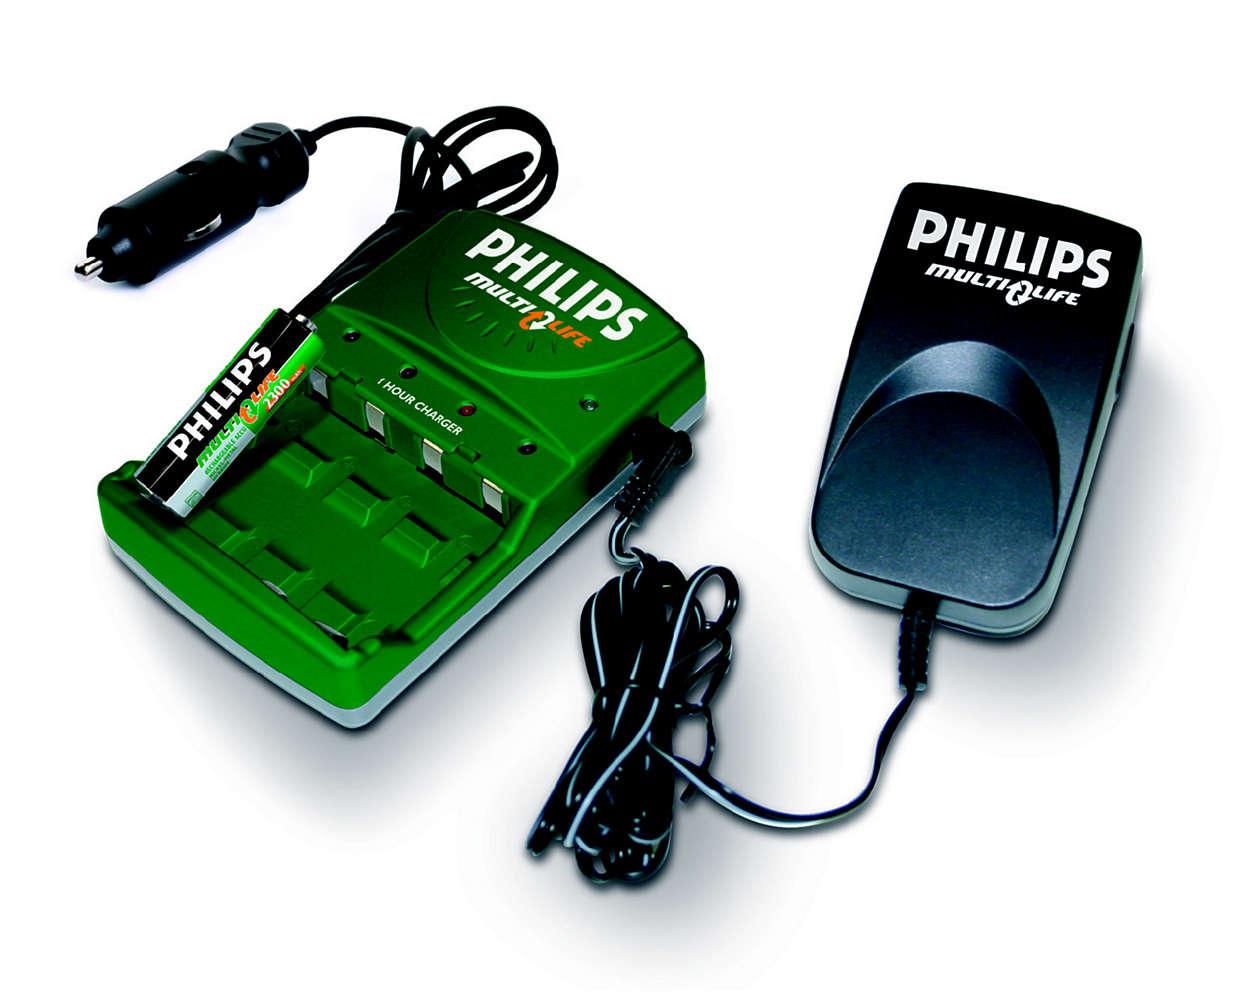 Plně nabijte 1 až 4 akumulátory za pouhých 45 minut